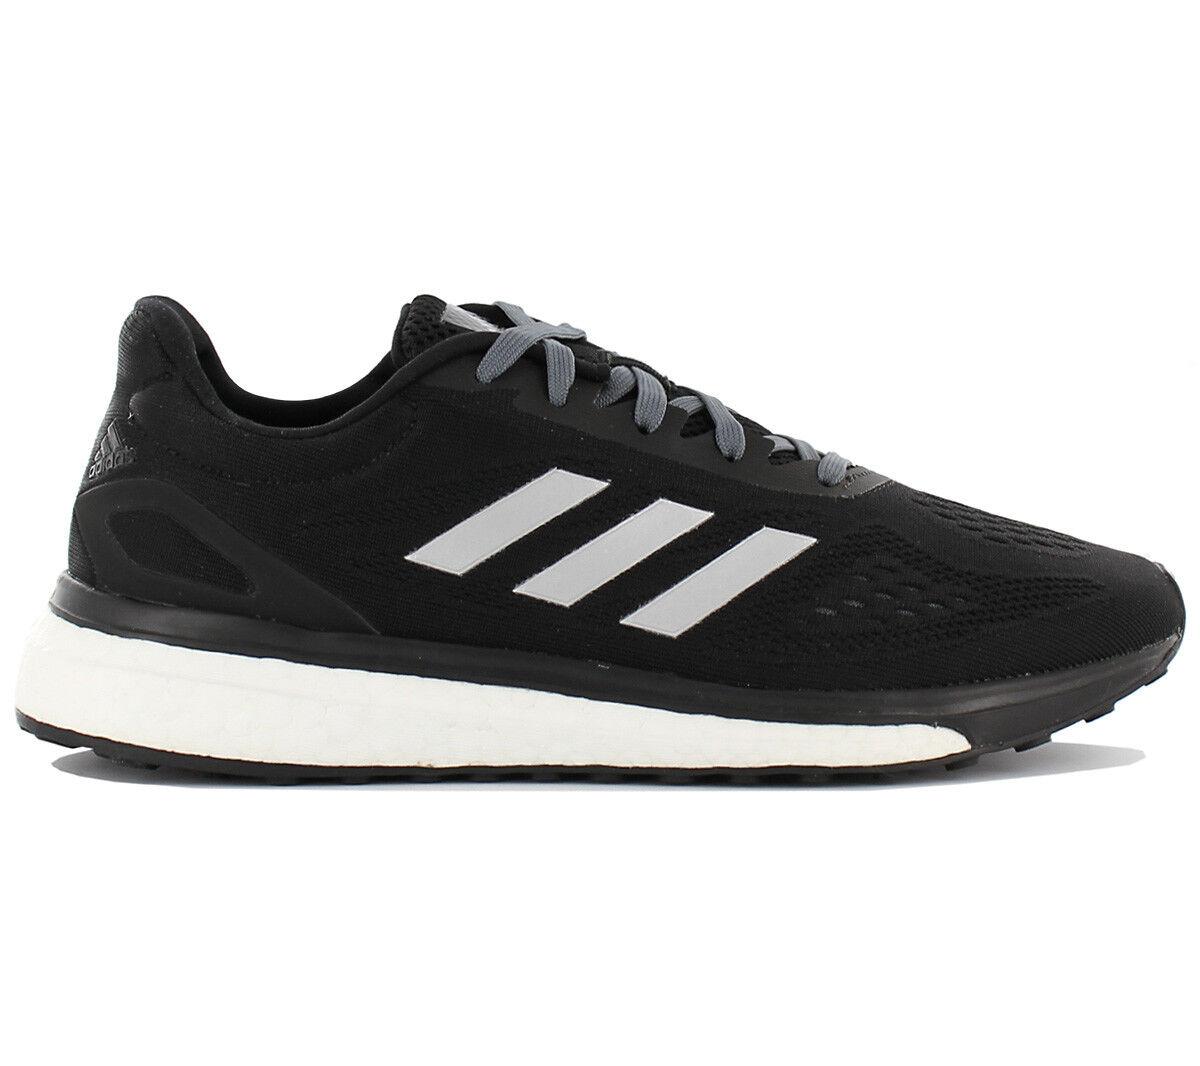 Adidas Damen Response LT W Boost Damen Adidas Laufschuhe Running Fitness Sport Schuhe BA7545 4127ae